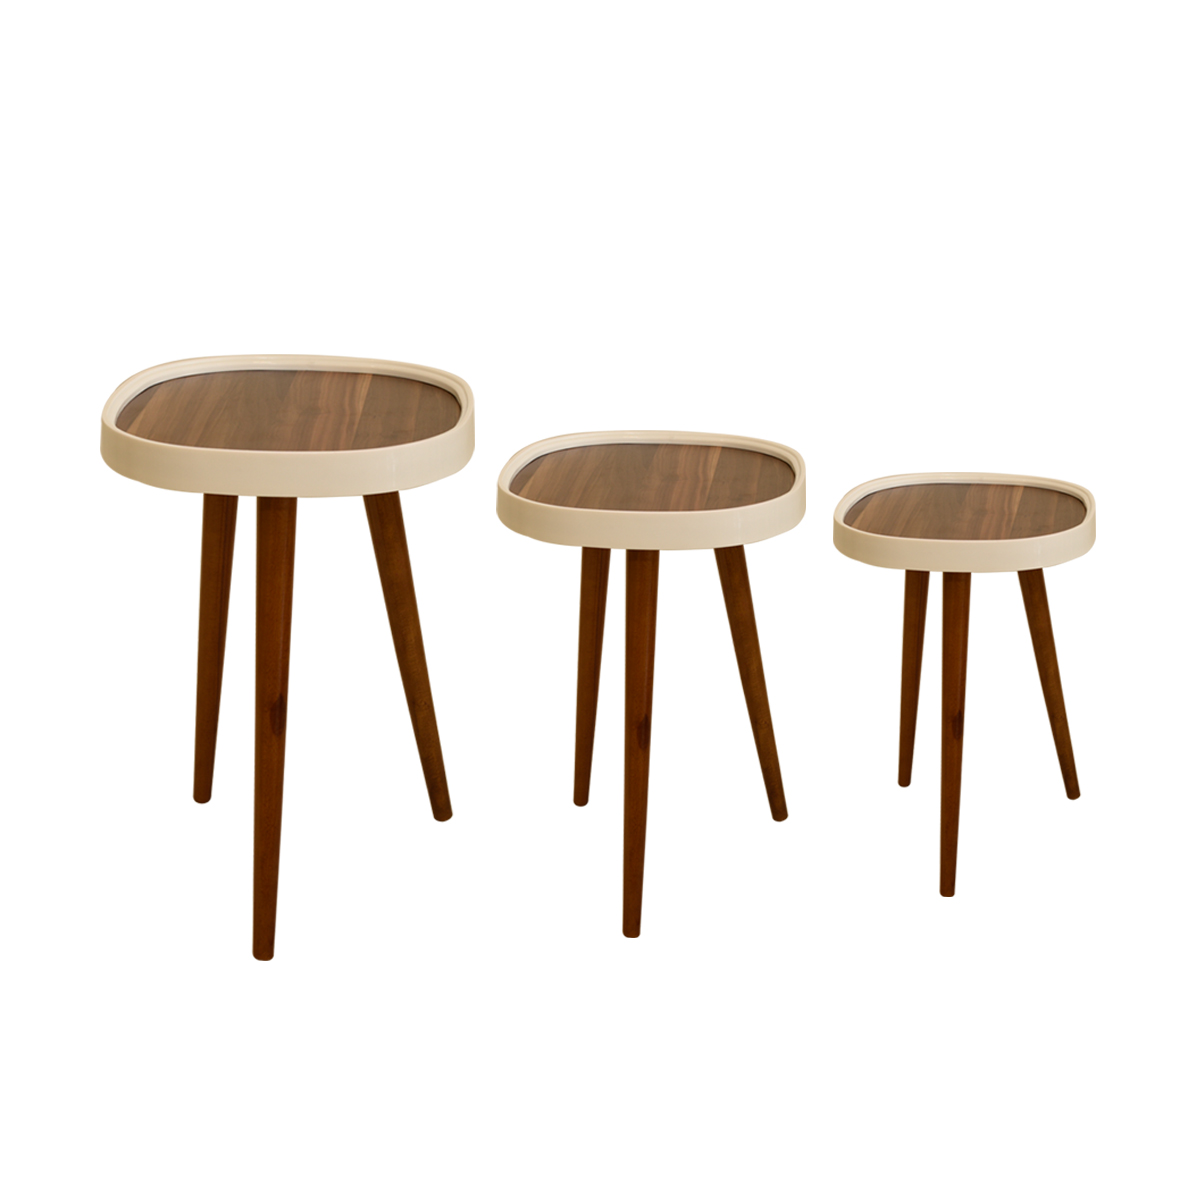 طاولة تقديم وخدمة خشب تركي 3 قطع لون بني رقم TR64